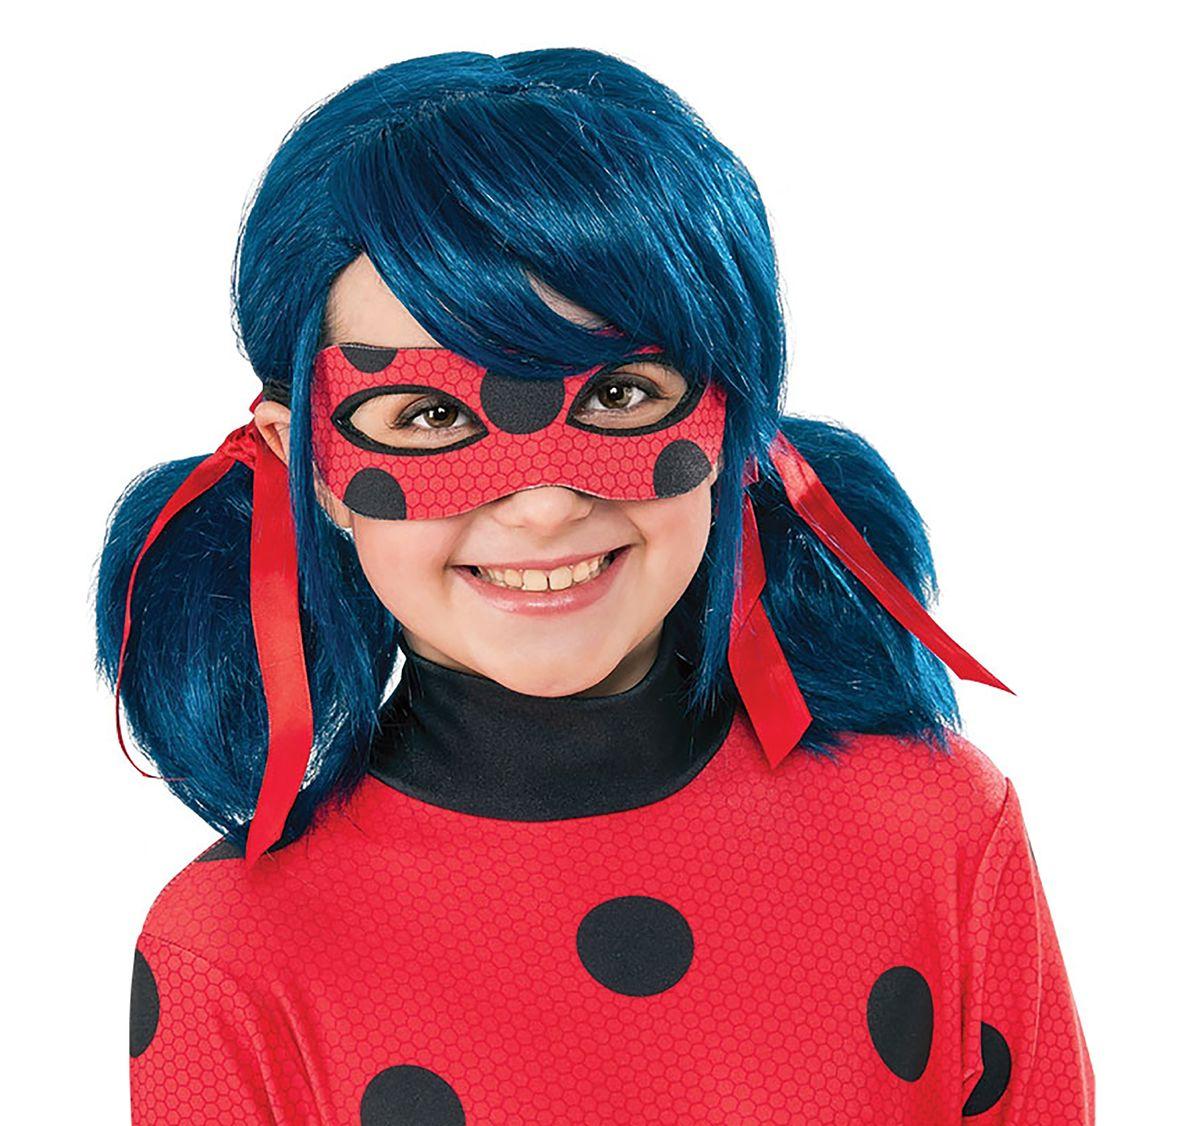 Miraculous Ladybug Perücke Wig für Kinder blau Filmheld Fasching Karneval